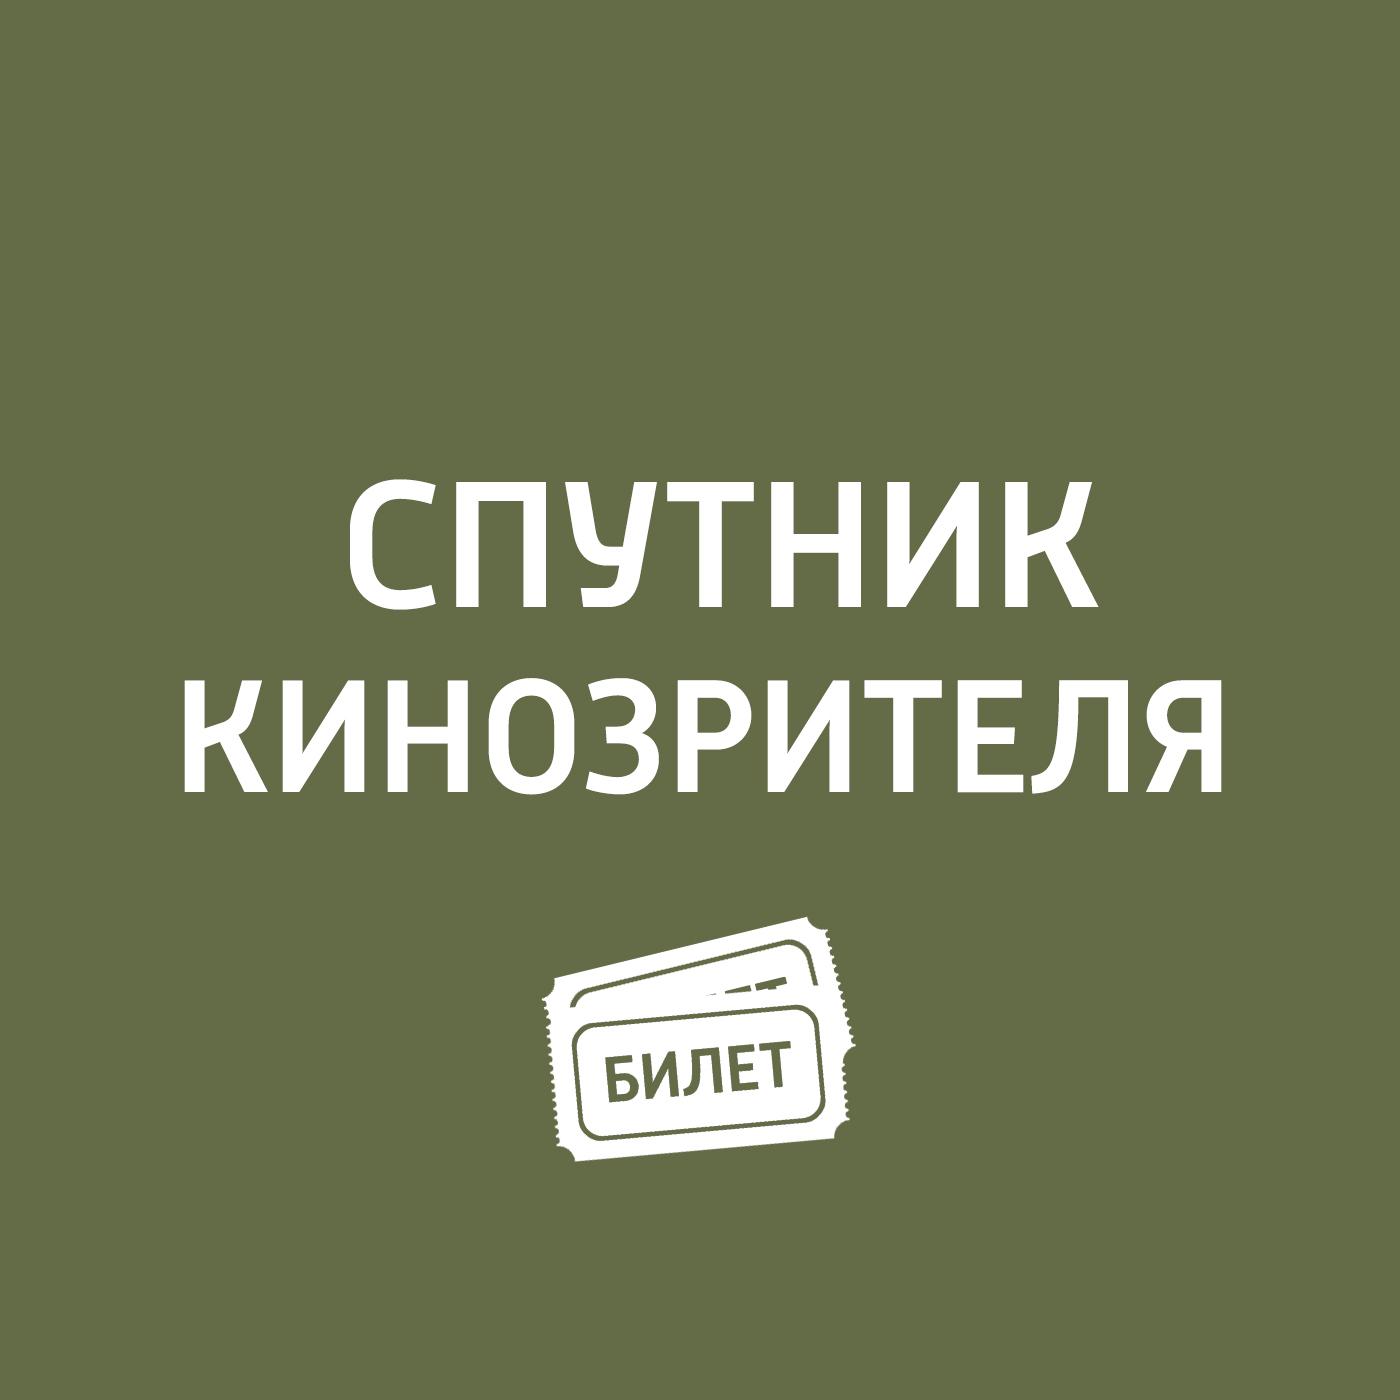 цена на Антон Долин Премьеры. «Под покровом ночи